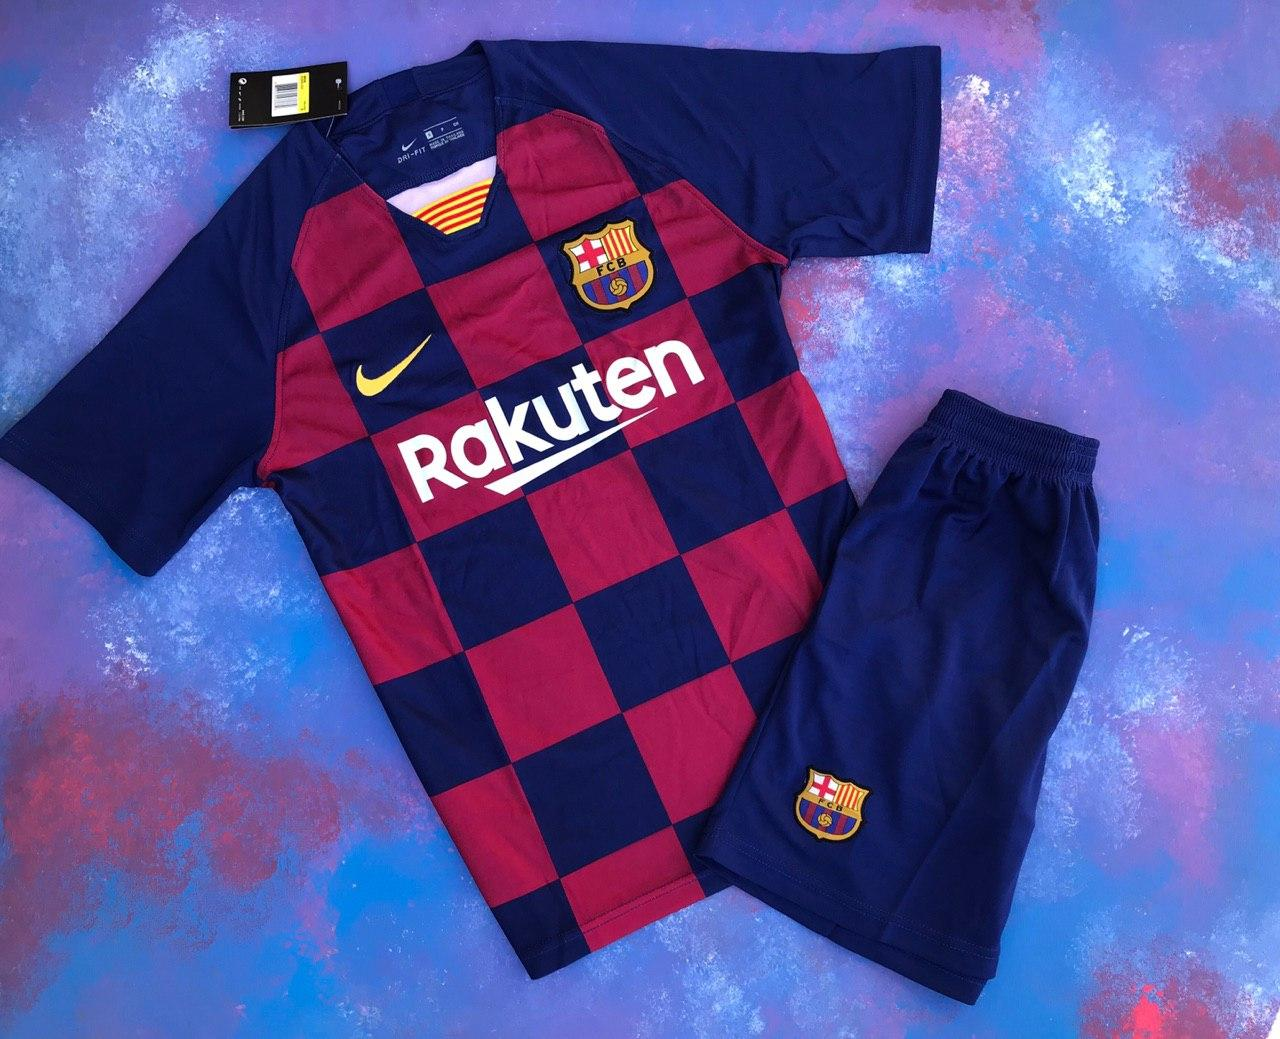 Футбольная форма ФК Барселона (Barcelona)